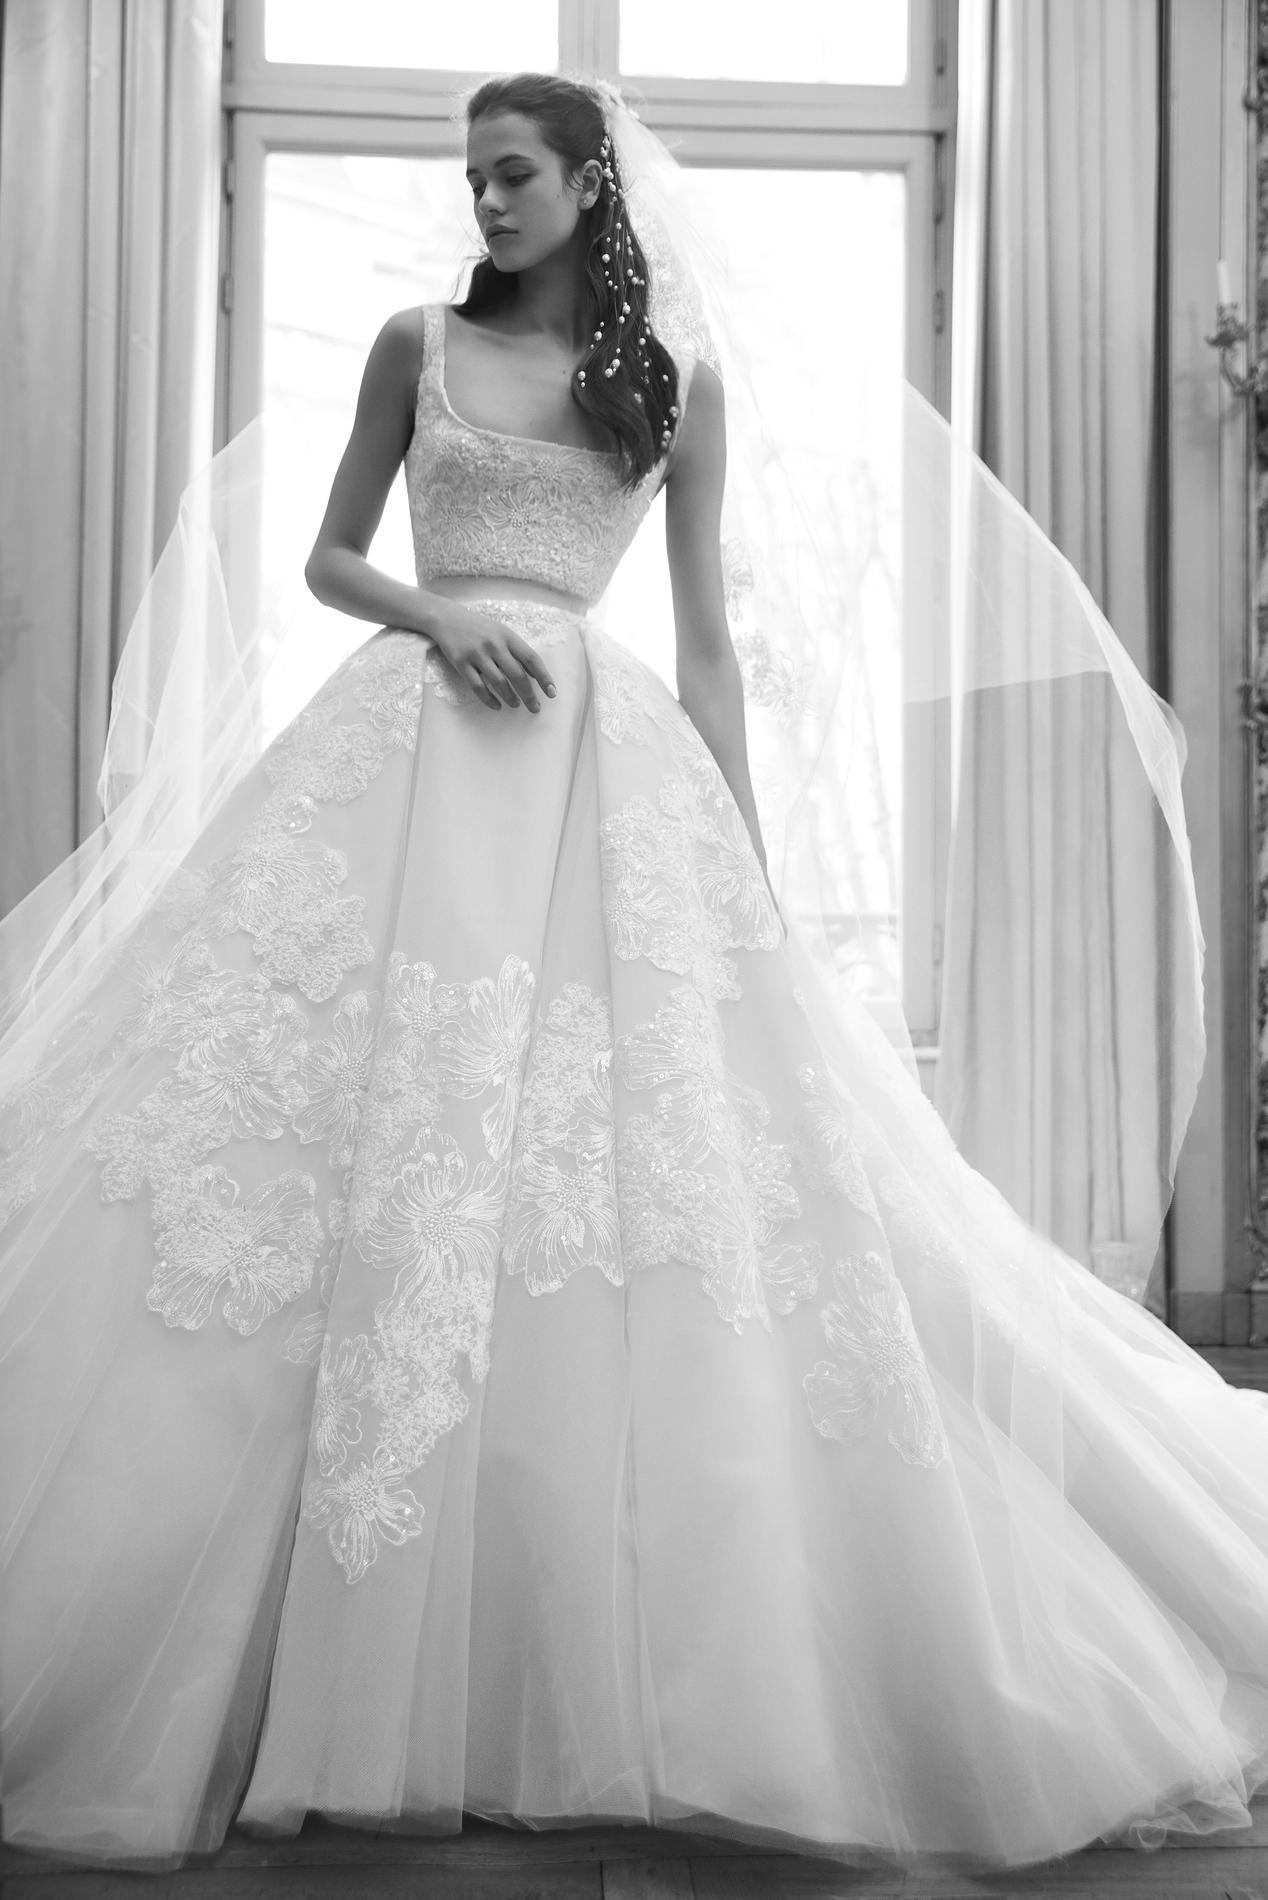 Les robes de mariée signées Elie Saab 201